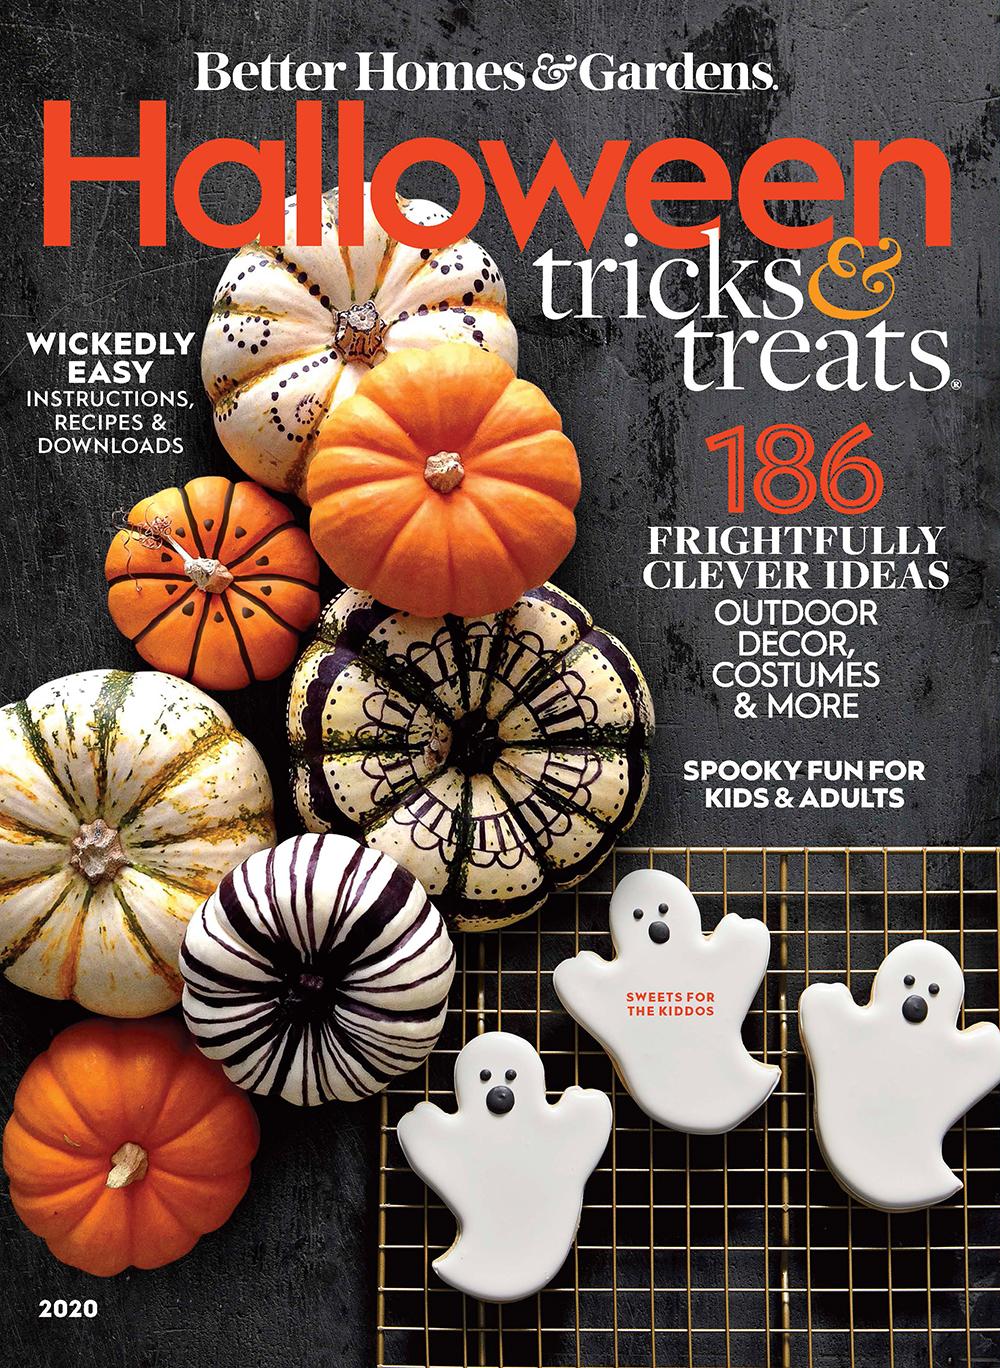 Treats Magazine Halloween 2020 Halloween Tricks & Treats